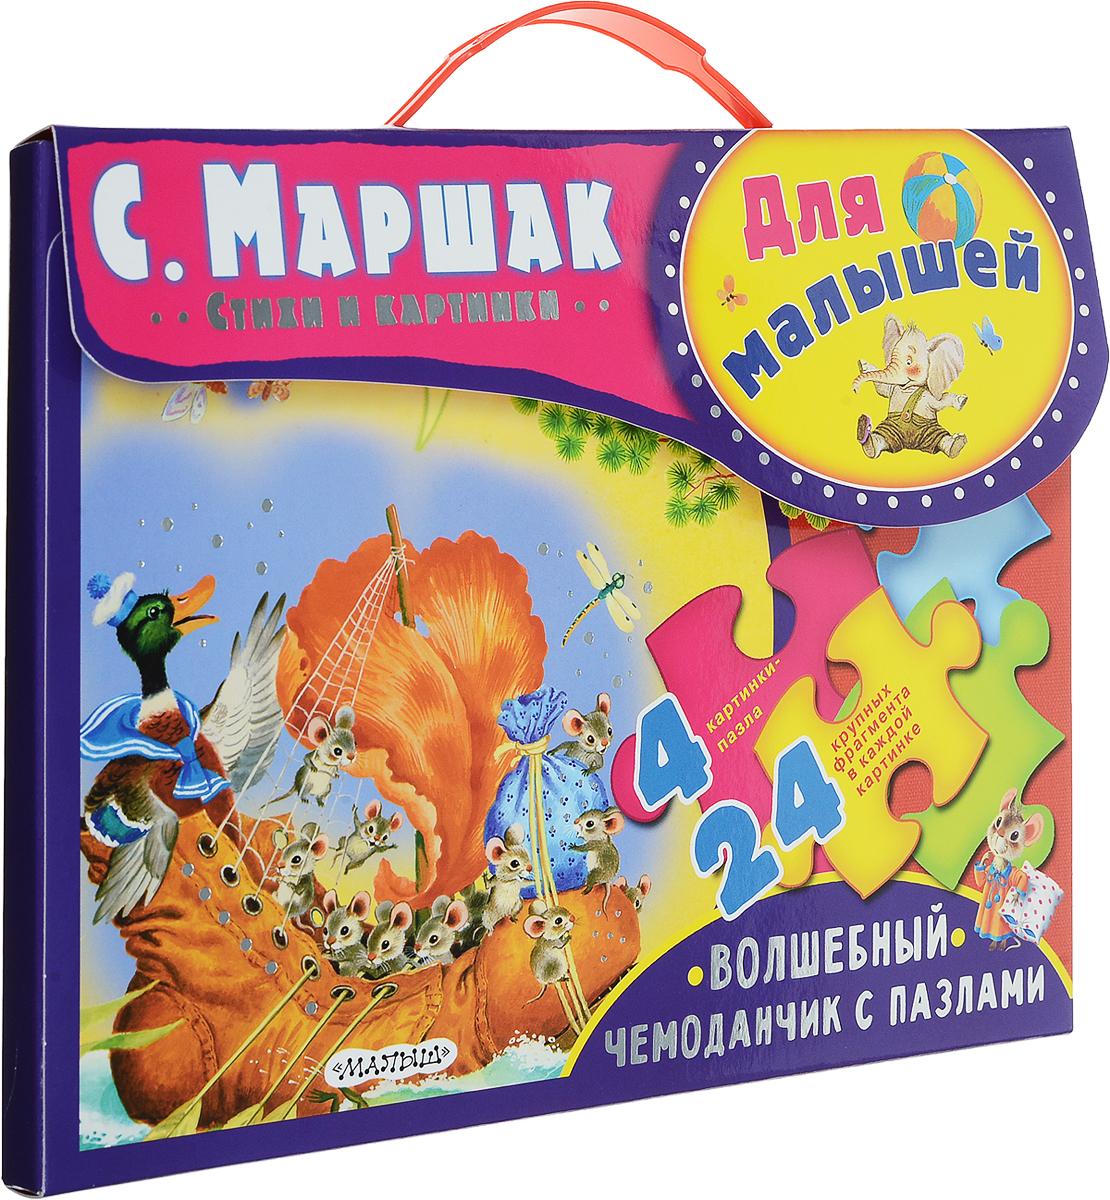 С. Маршак Для малышей. Волшебный чемоданчик с пазлами цена